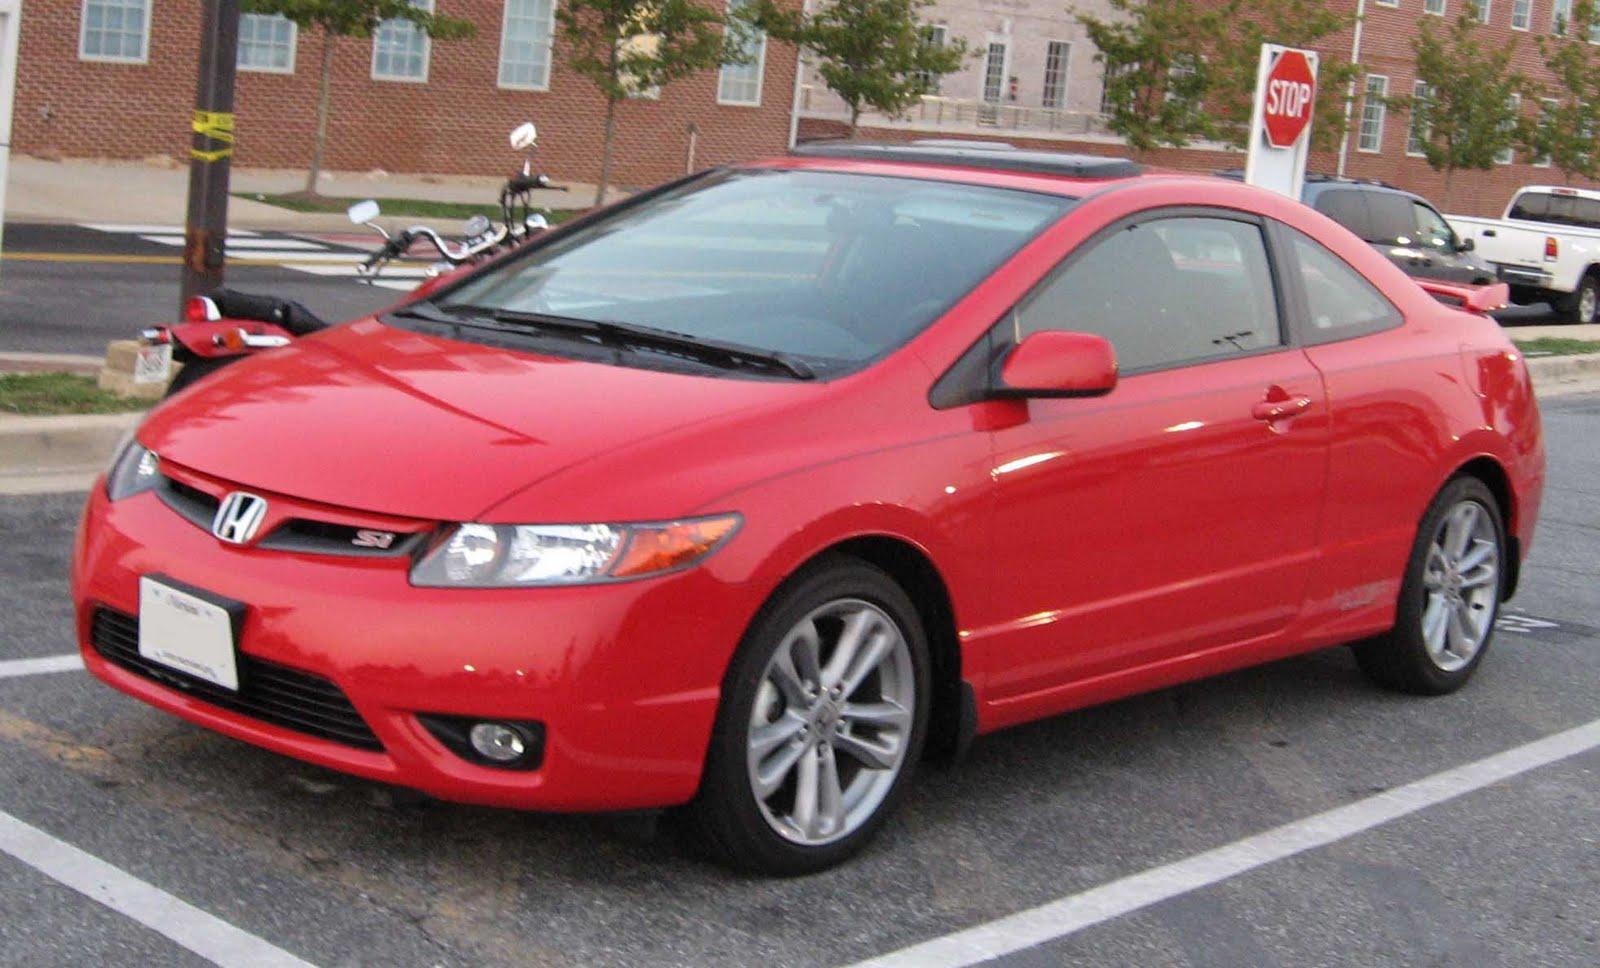 http://2.bp.blogspot.com/-pkNlmIOxFgk/ThtbgHK7gJI/AAAAAAAAAYo/WjRz_dcRZZ8/s1600/Honda+Civic+Si8.jpg